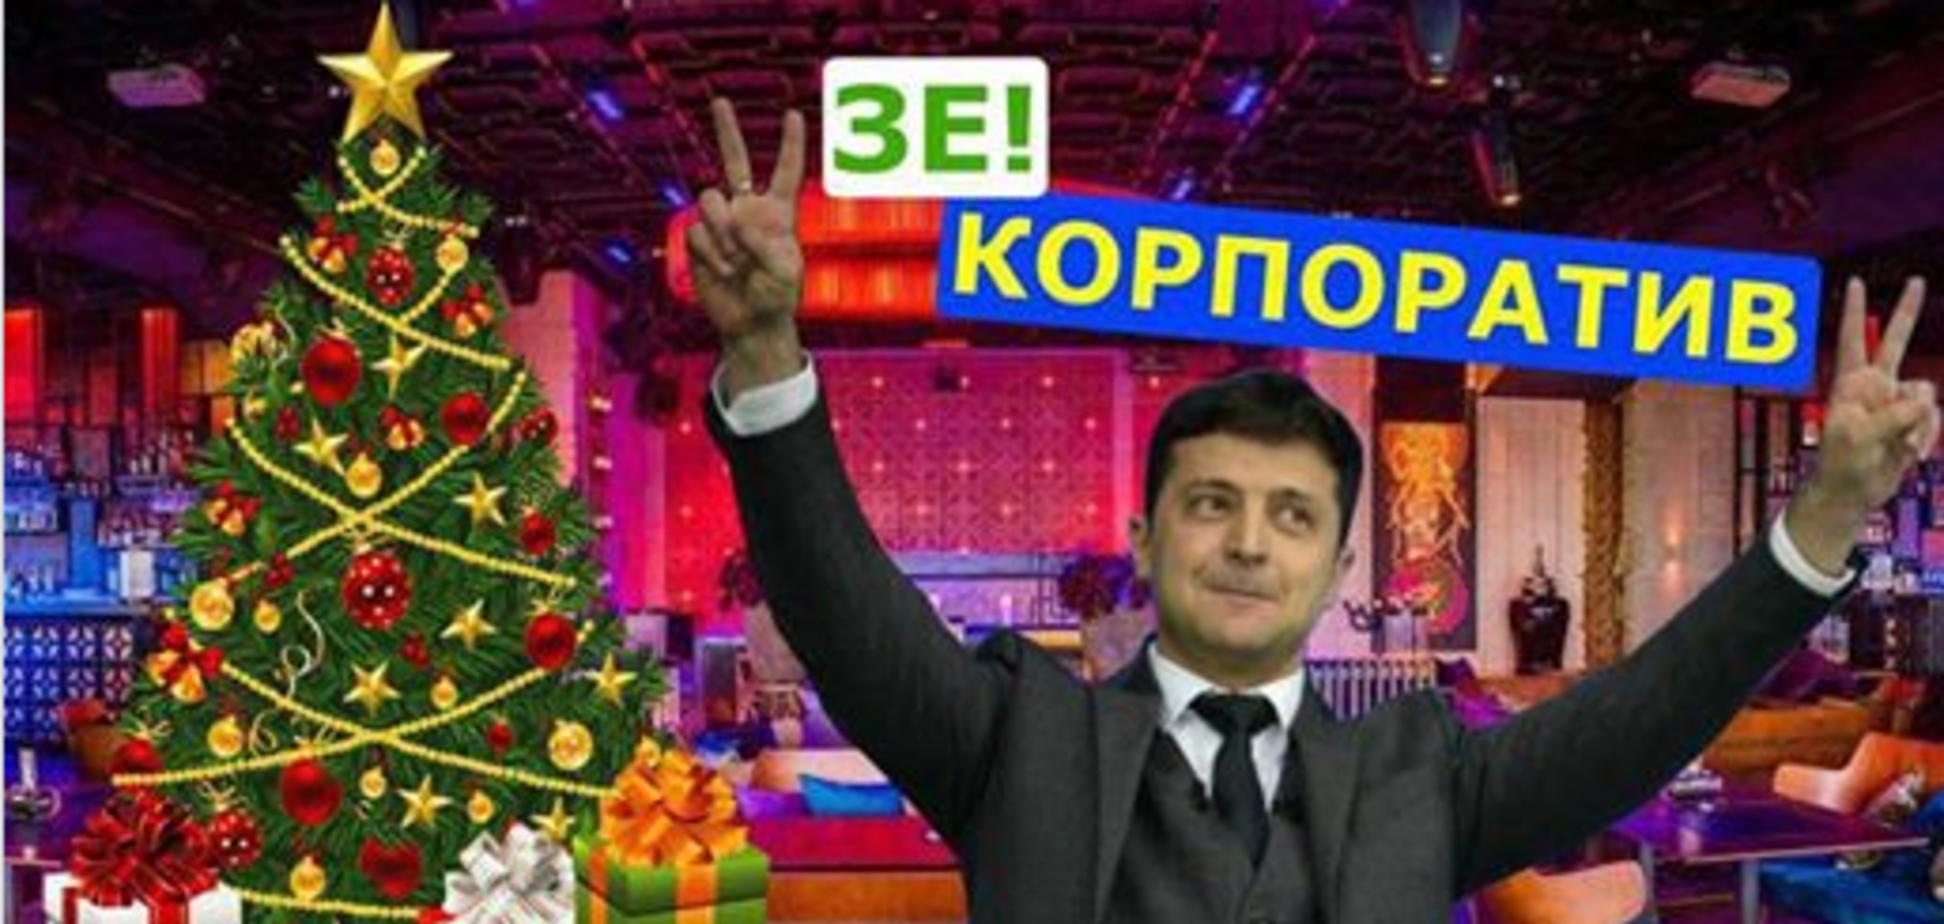 Сторонники Порошенко собираются пикетировать корпоратив 'слуг народа'